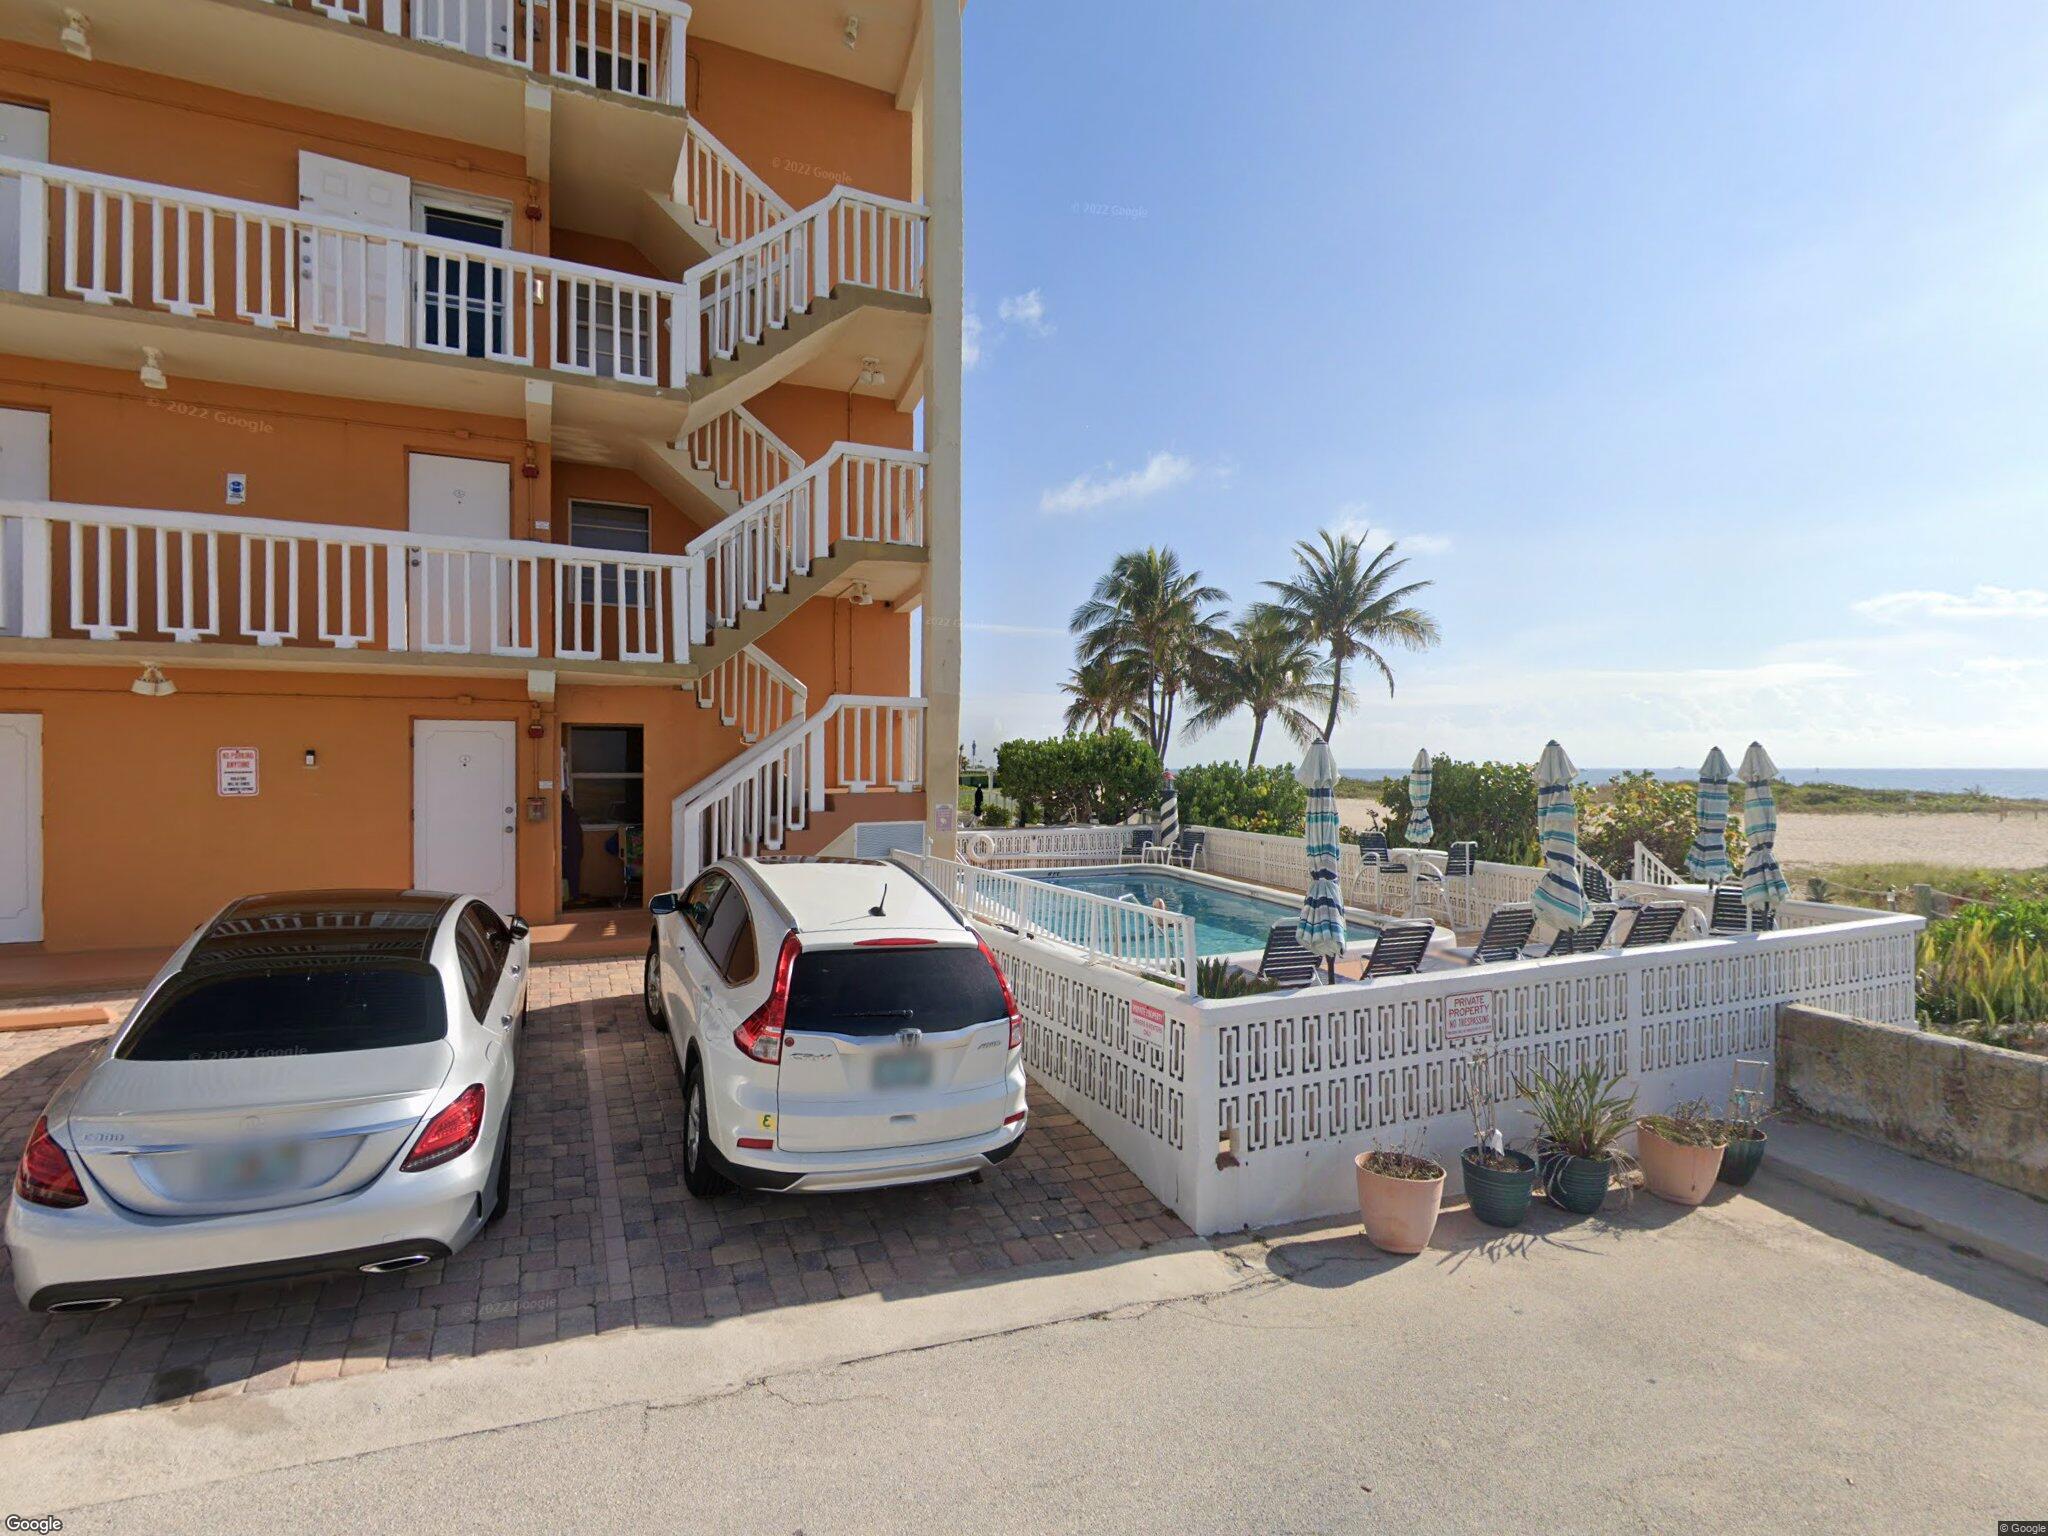 3401 NE 10th St #12, Pompano Beach, FL 33062 | Trulia